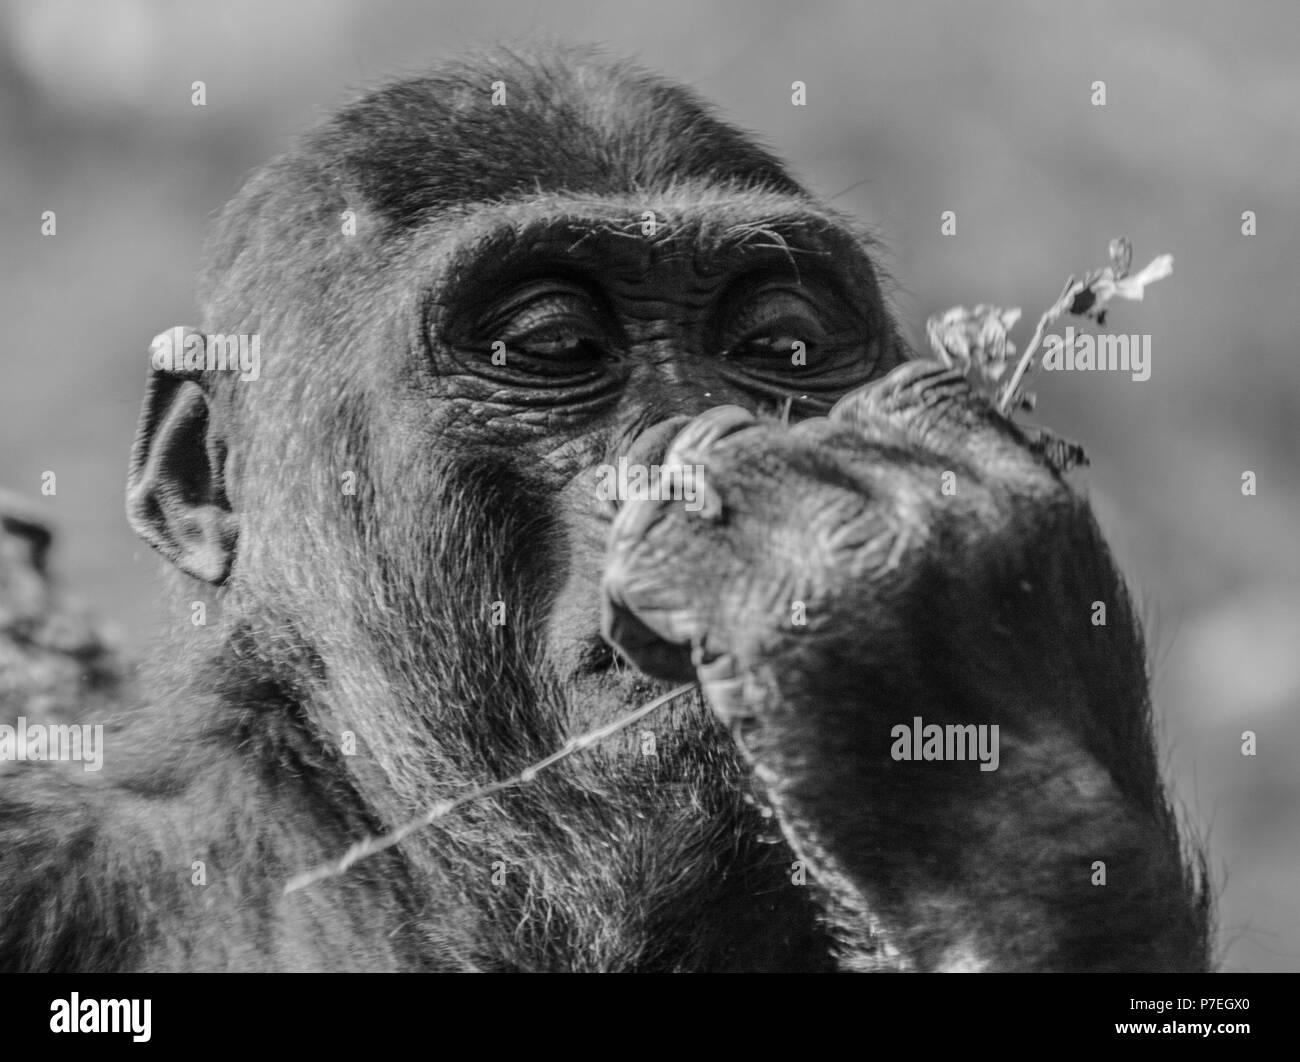 Tier Nahaufnahmen schließen Gesicht Gesichtsbehandlung teilweise Stockbild